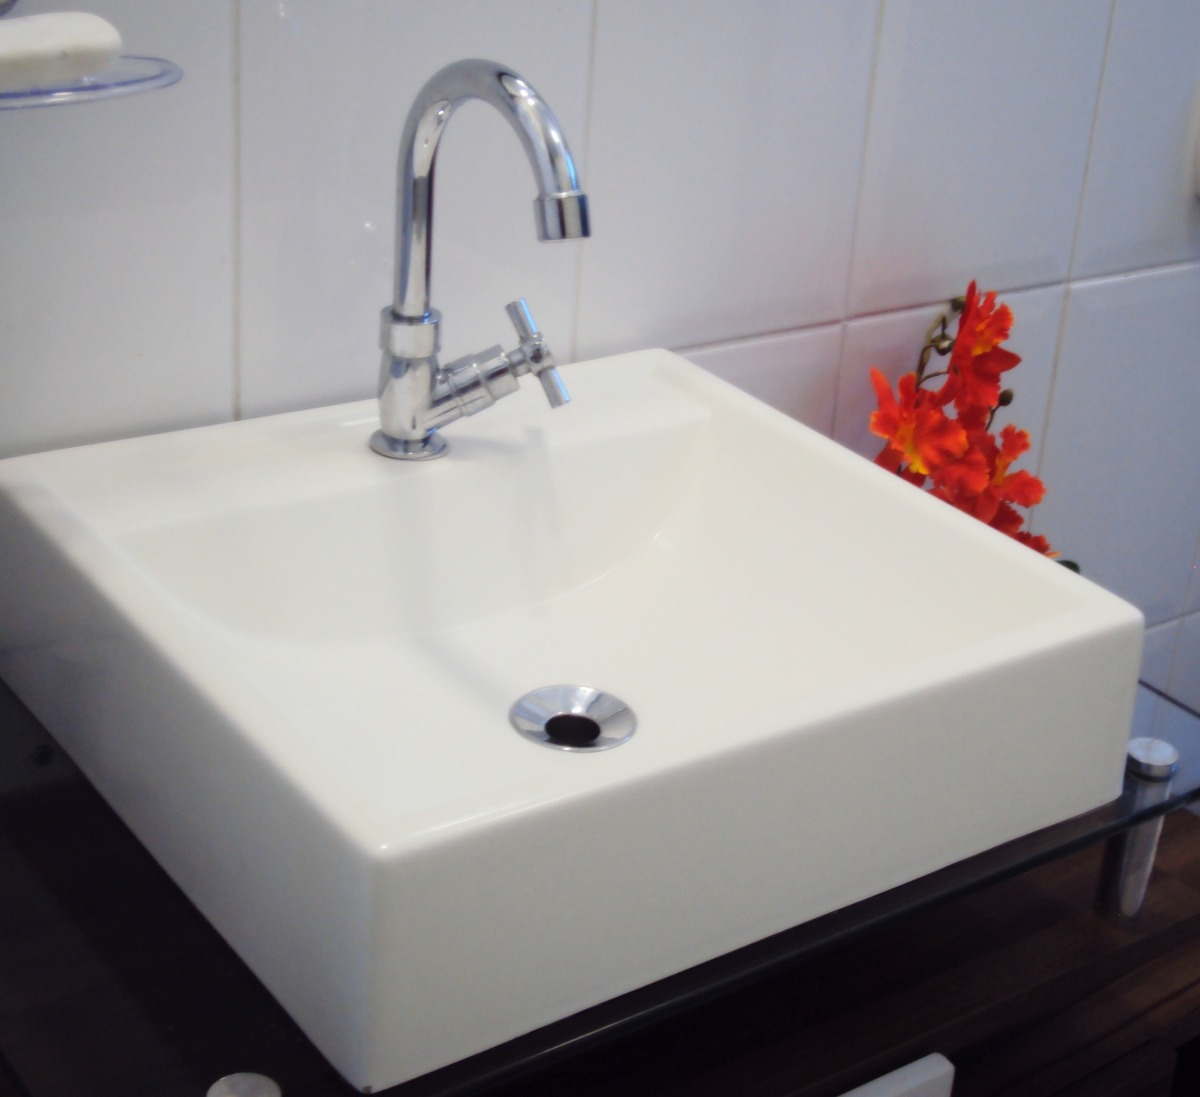 Cuba De Apoio Tendência Lavatório Para Banheiro E Lavabo  R$ 79,90 em Mercad -> Cuba Escupida Banheiro